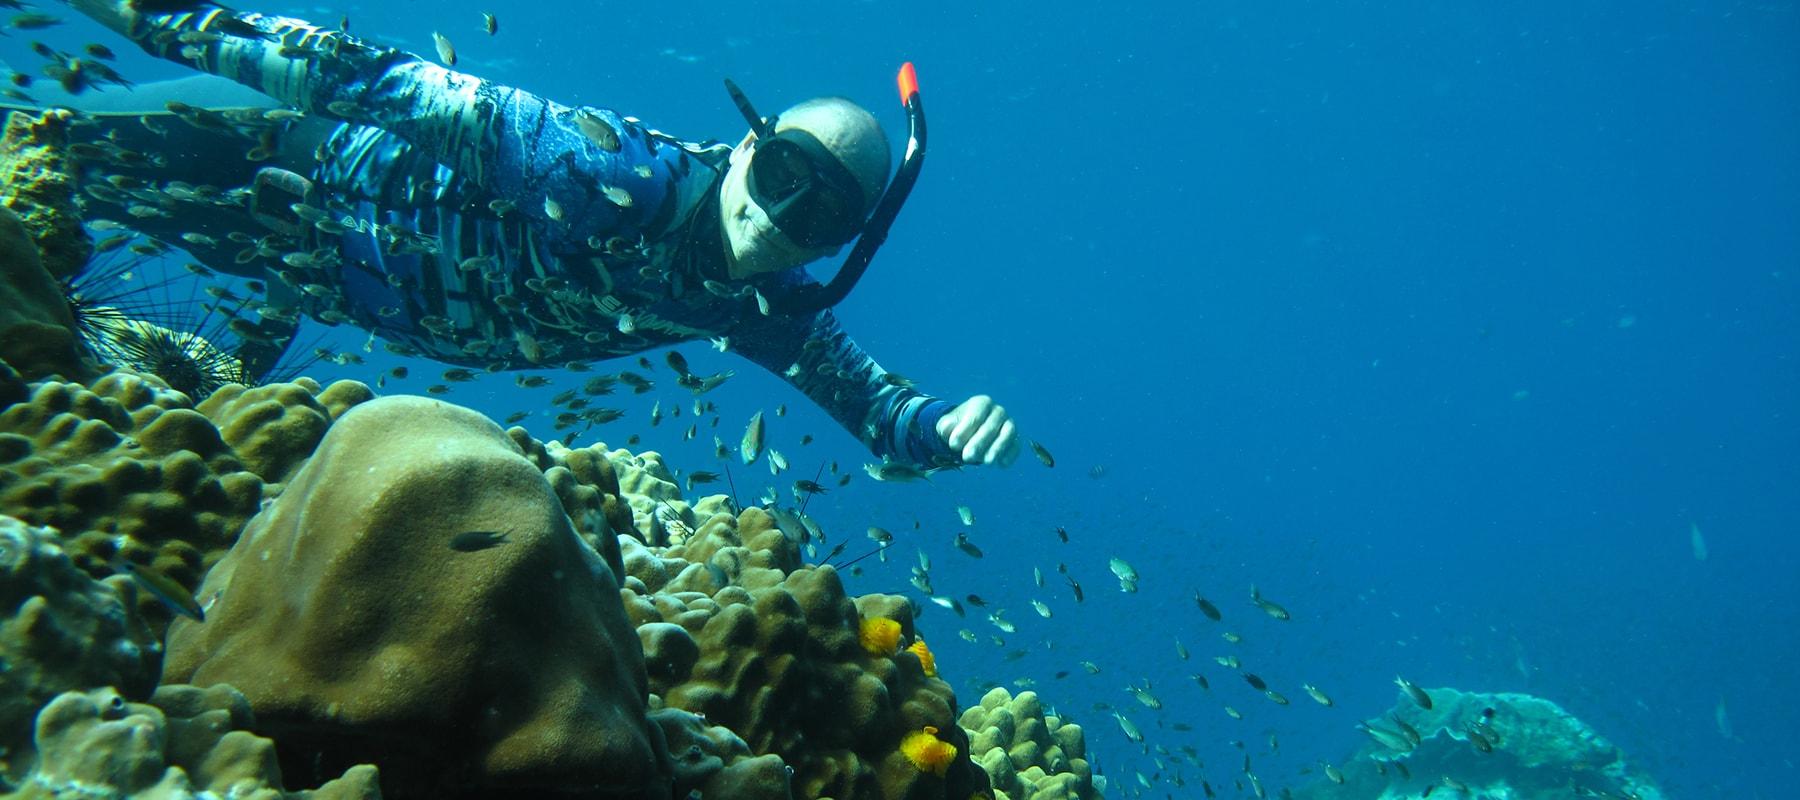 freediver-07